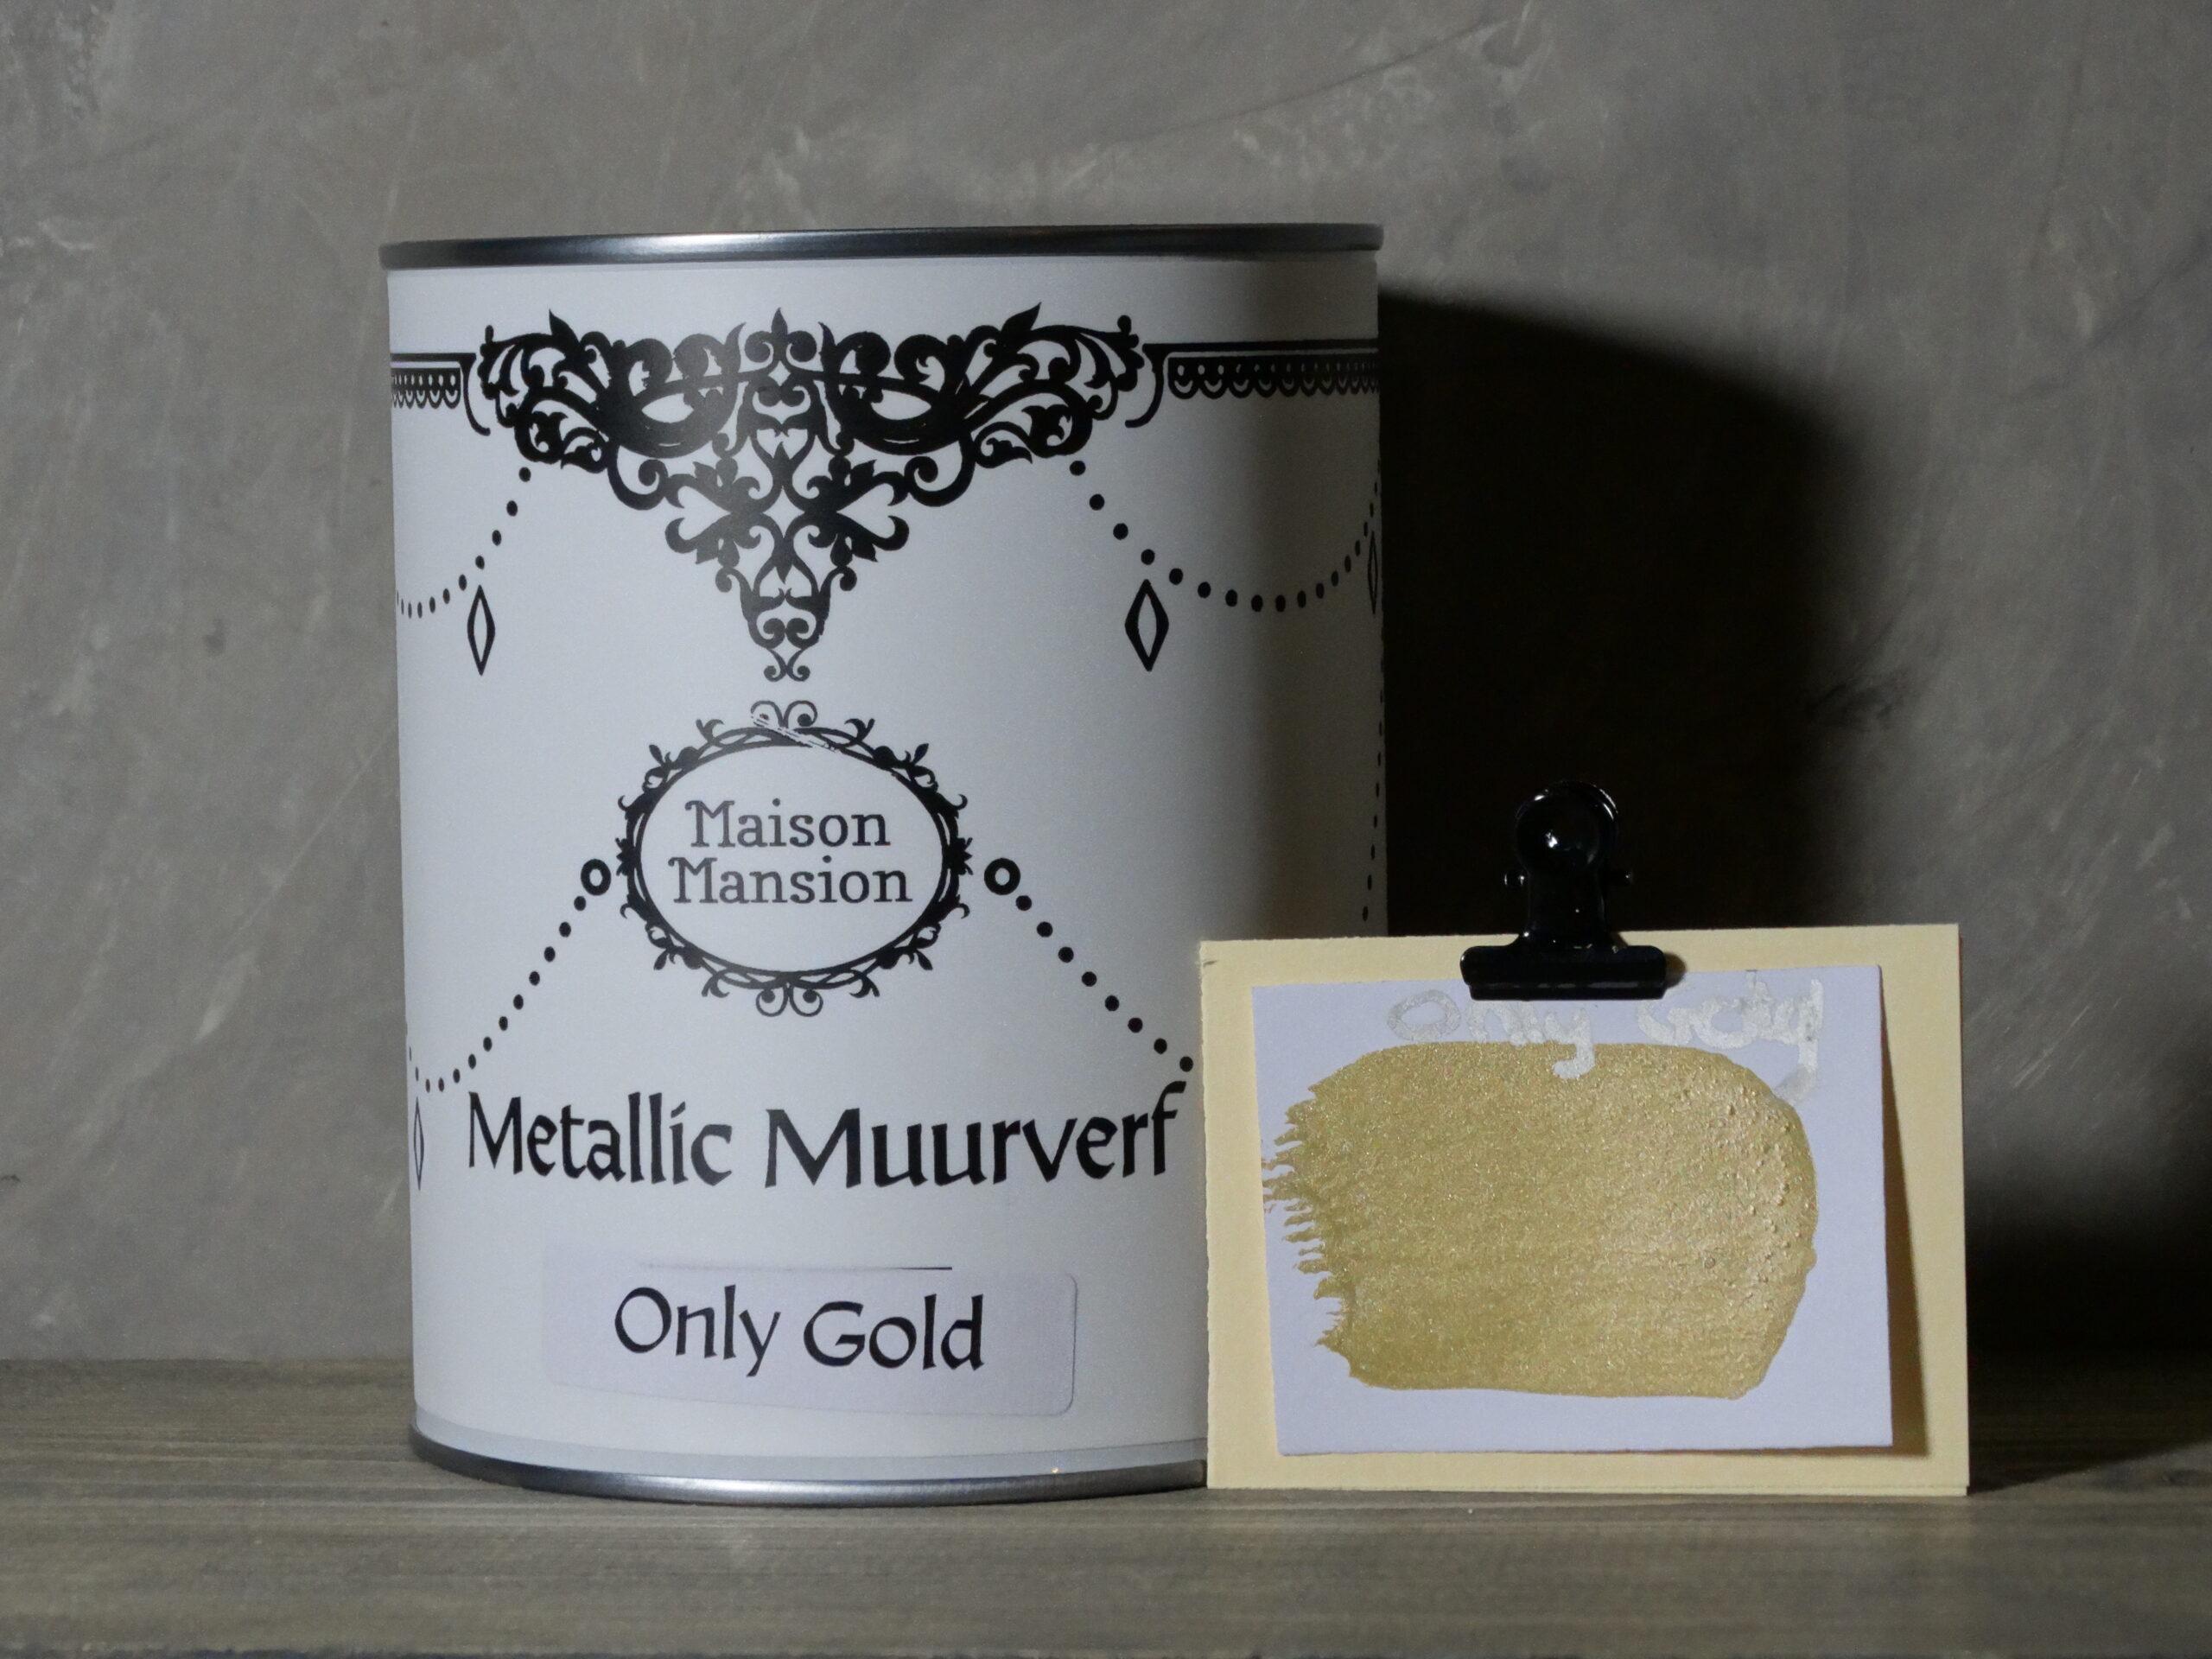 Metallic muurverf